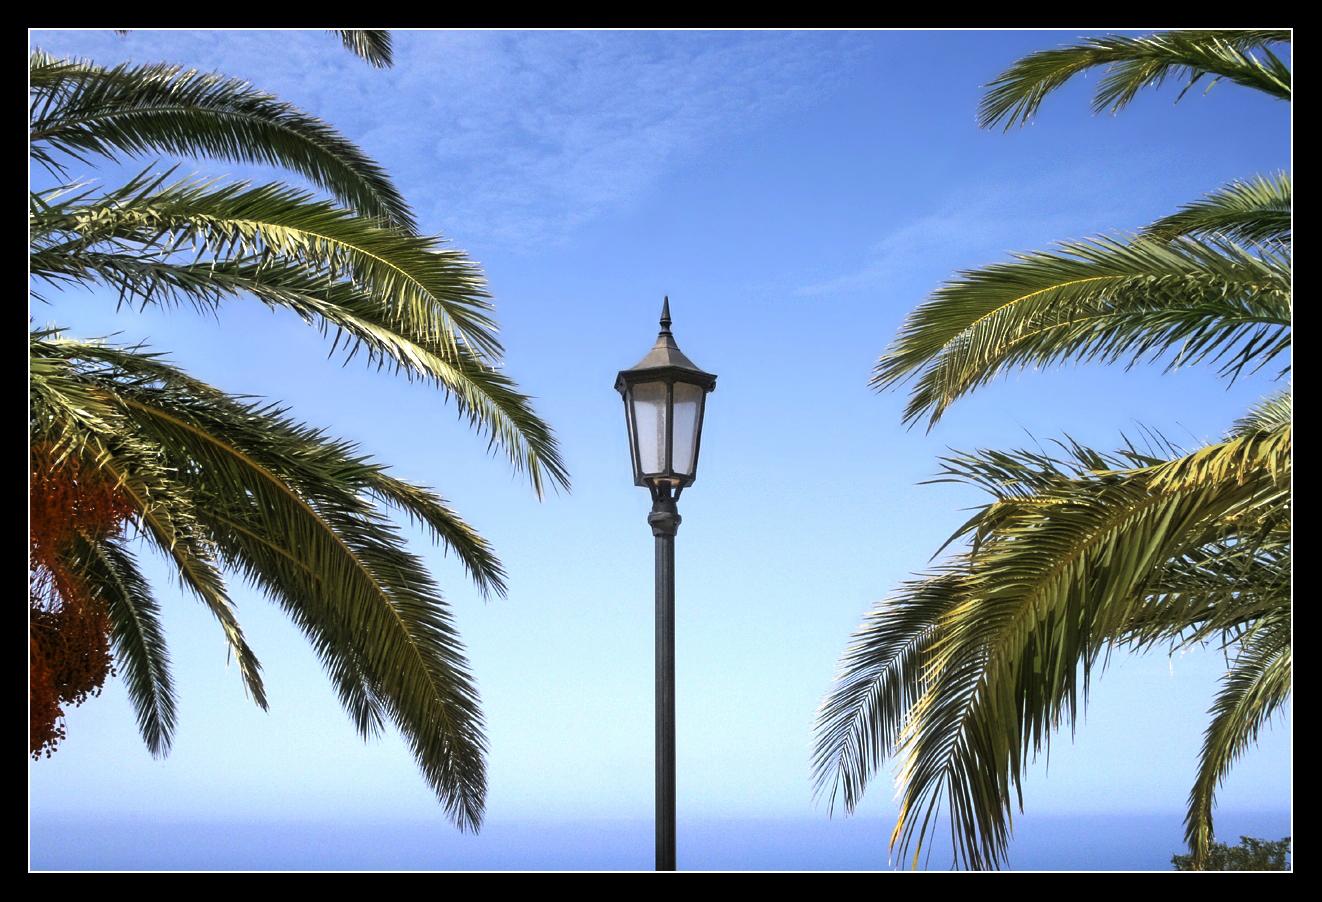 El Mediodía - La Palma